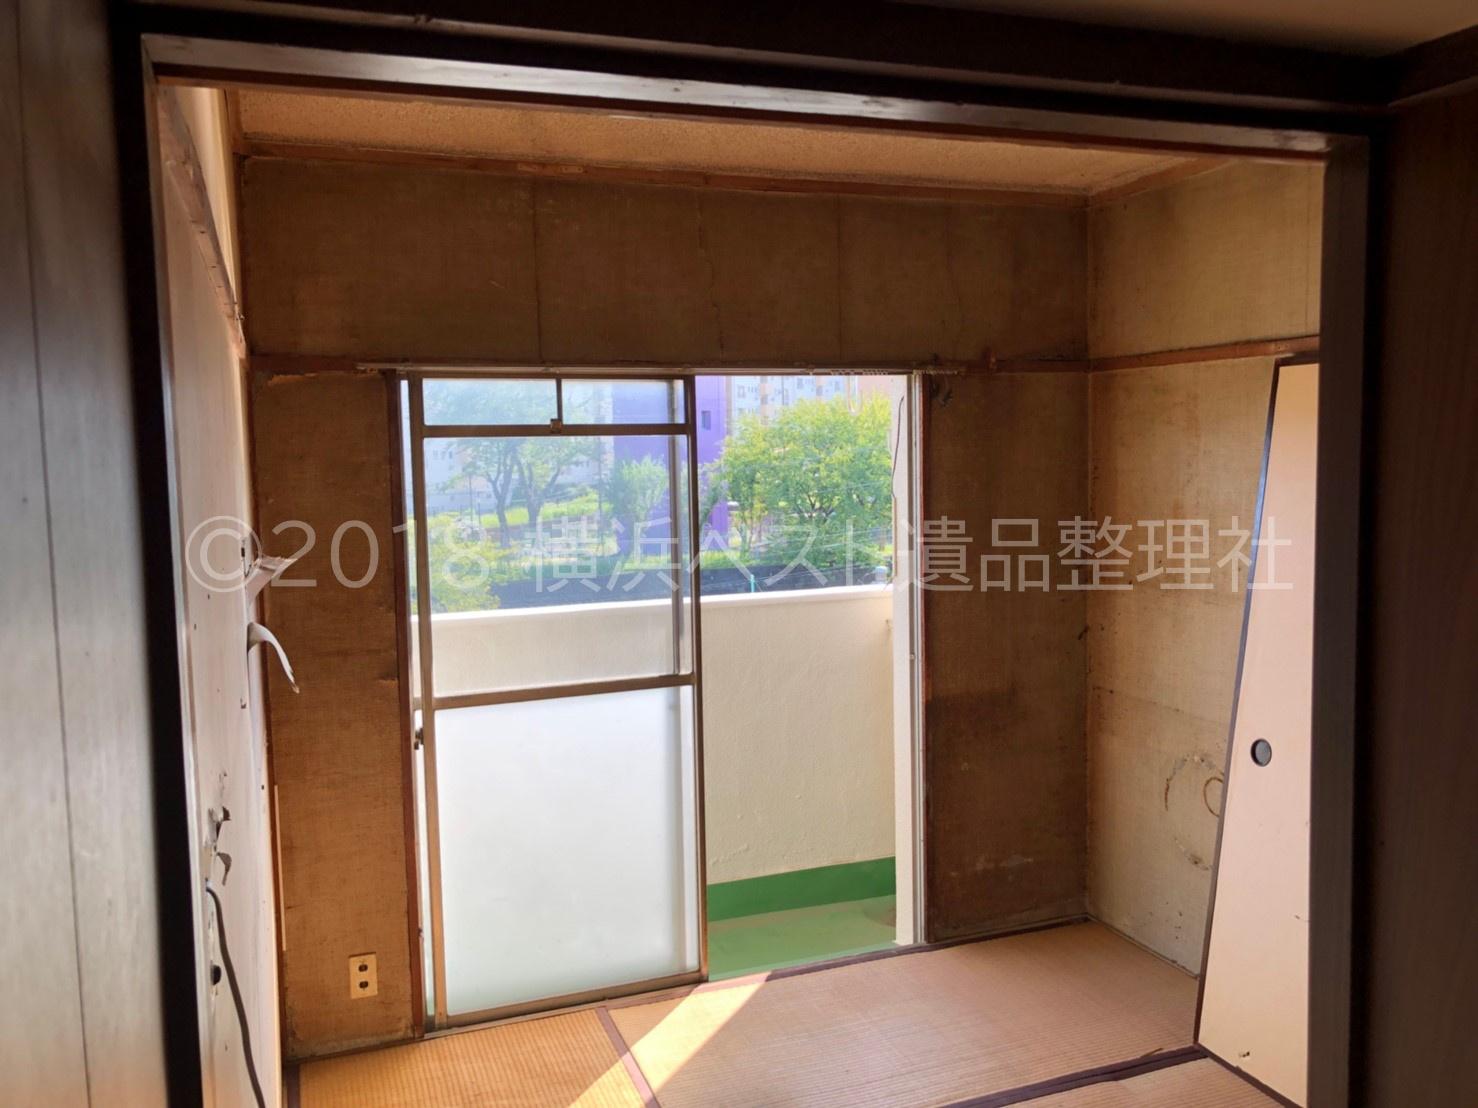 横浜ベスト遺品整理社の遺品整理:横浜市西区(2019年1月)の作業後